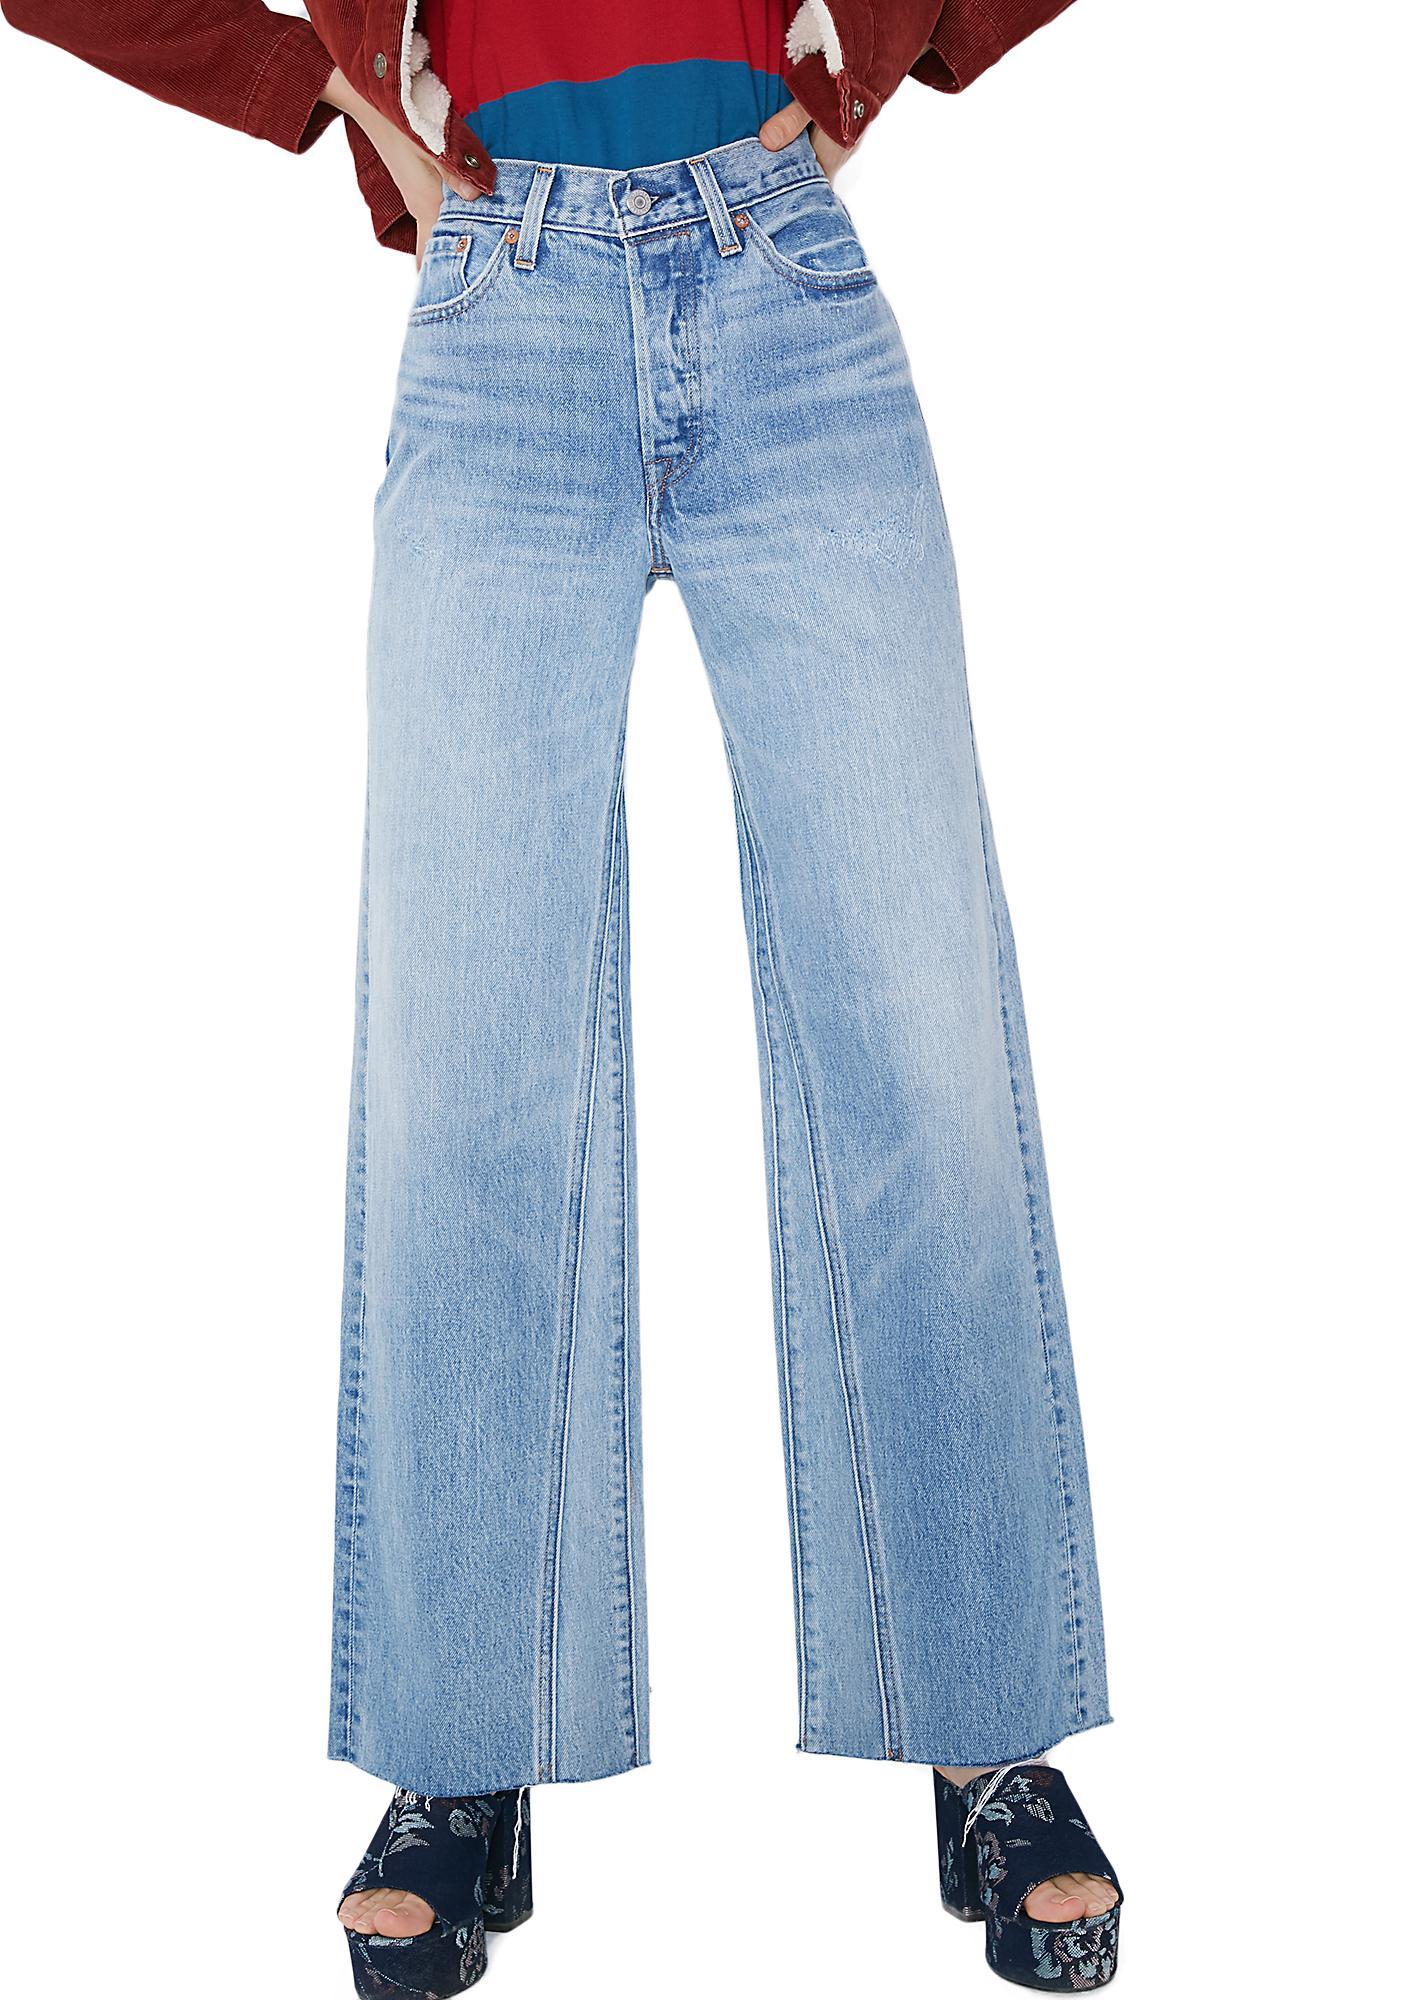 Wide leg jeans fashion 91